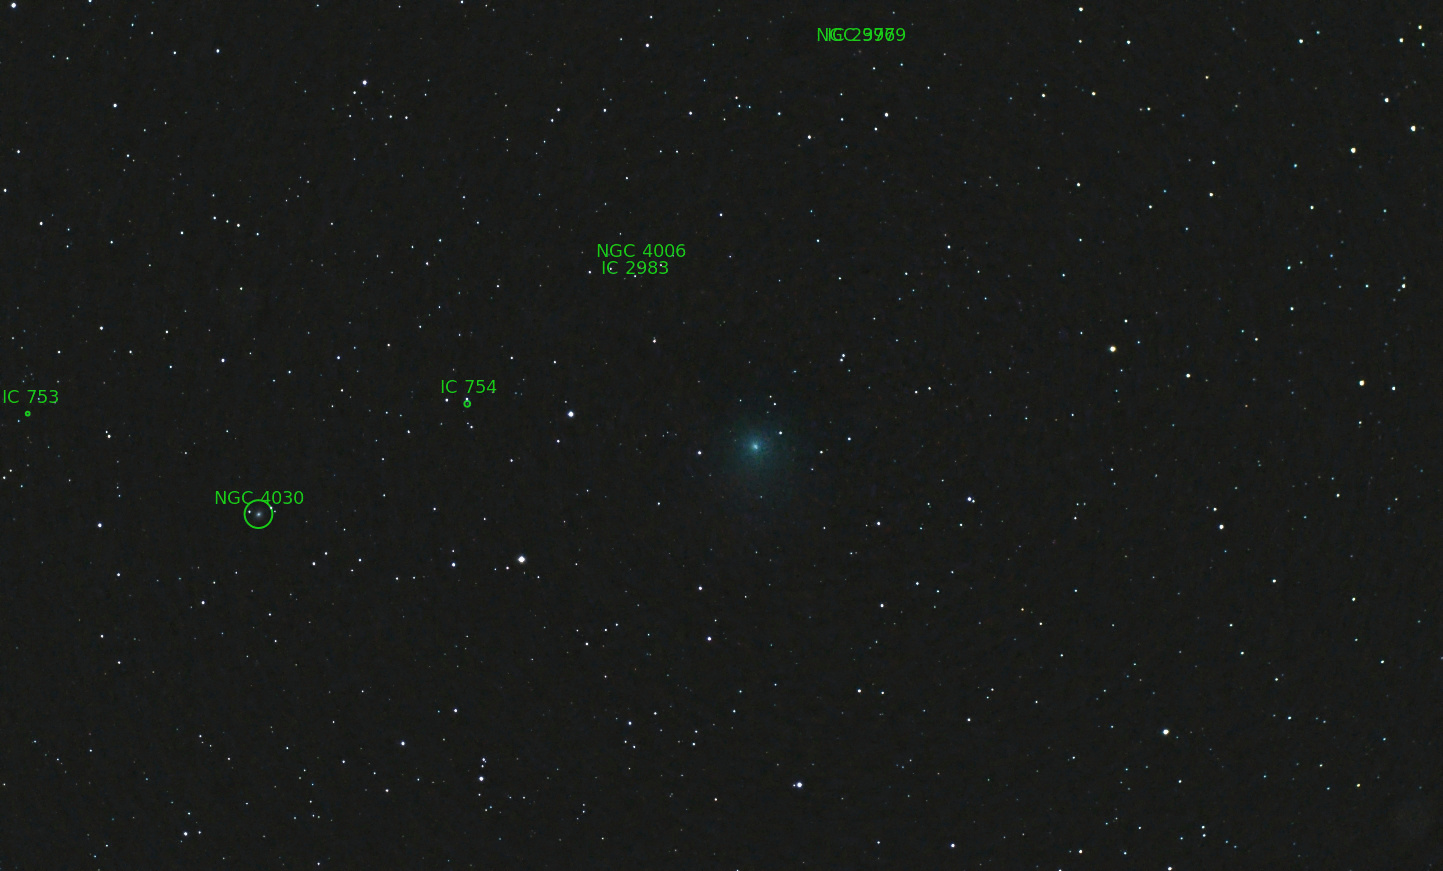 c_2018_Y1_Iwamoto_NGC_4030_40x15s_12x15s_ISO1600_07_02_2019_2_30d.jpg